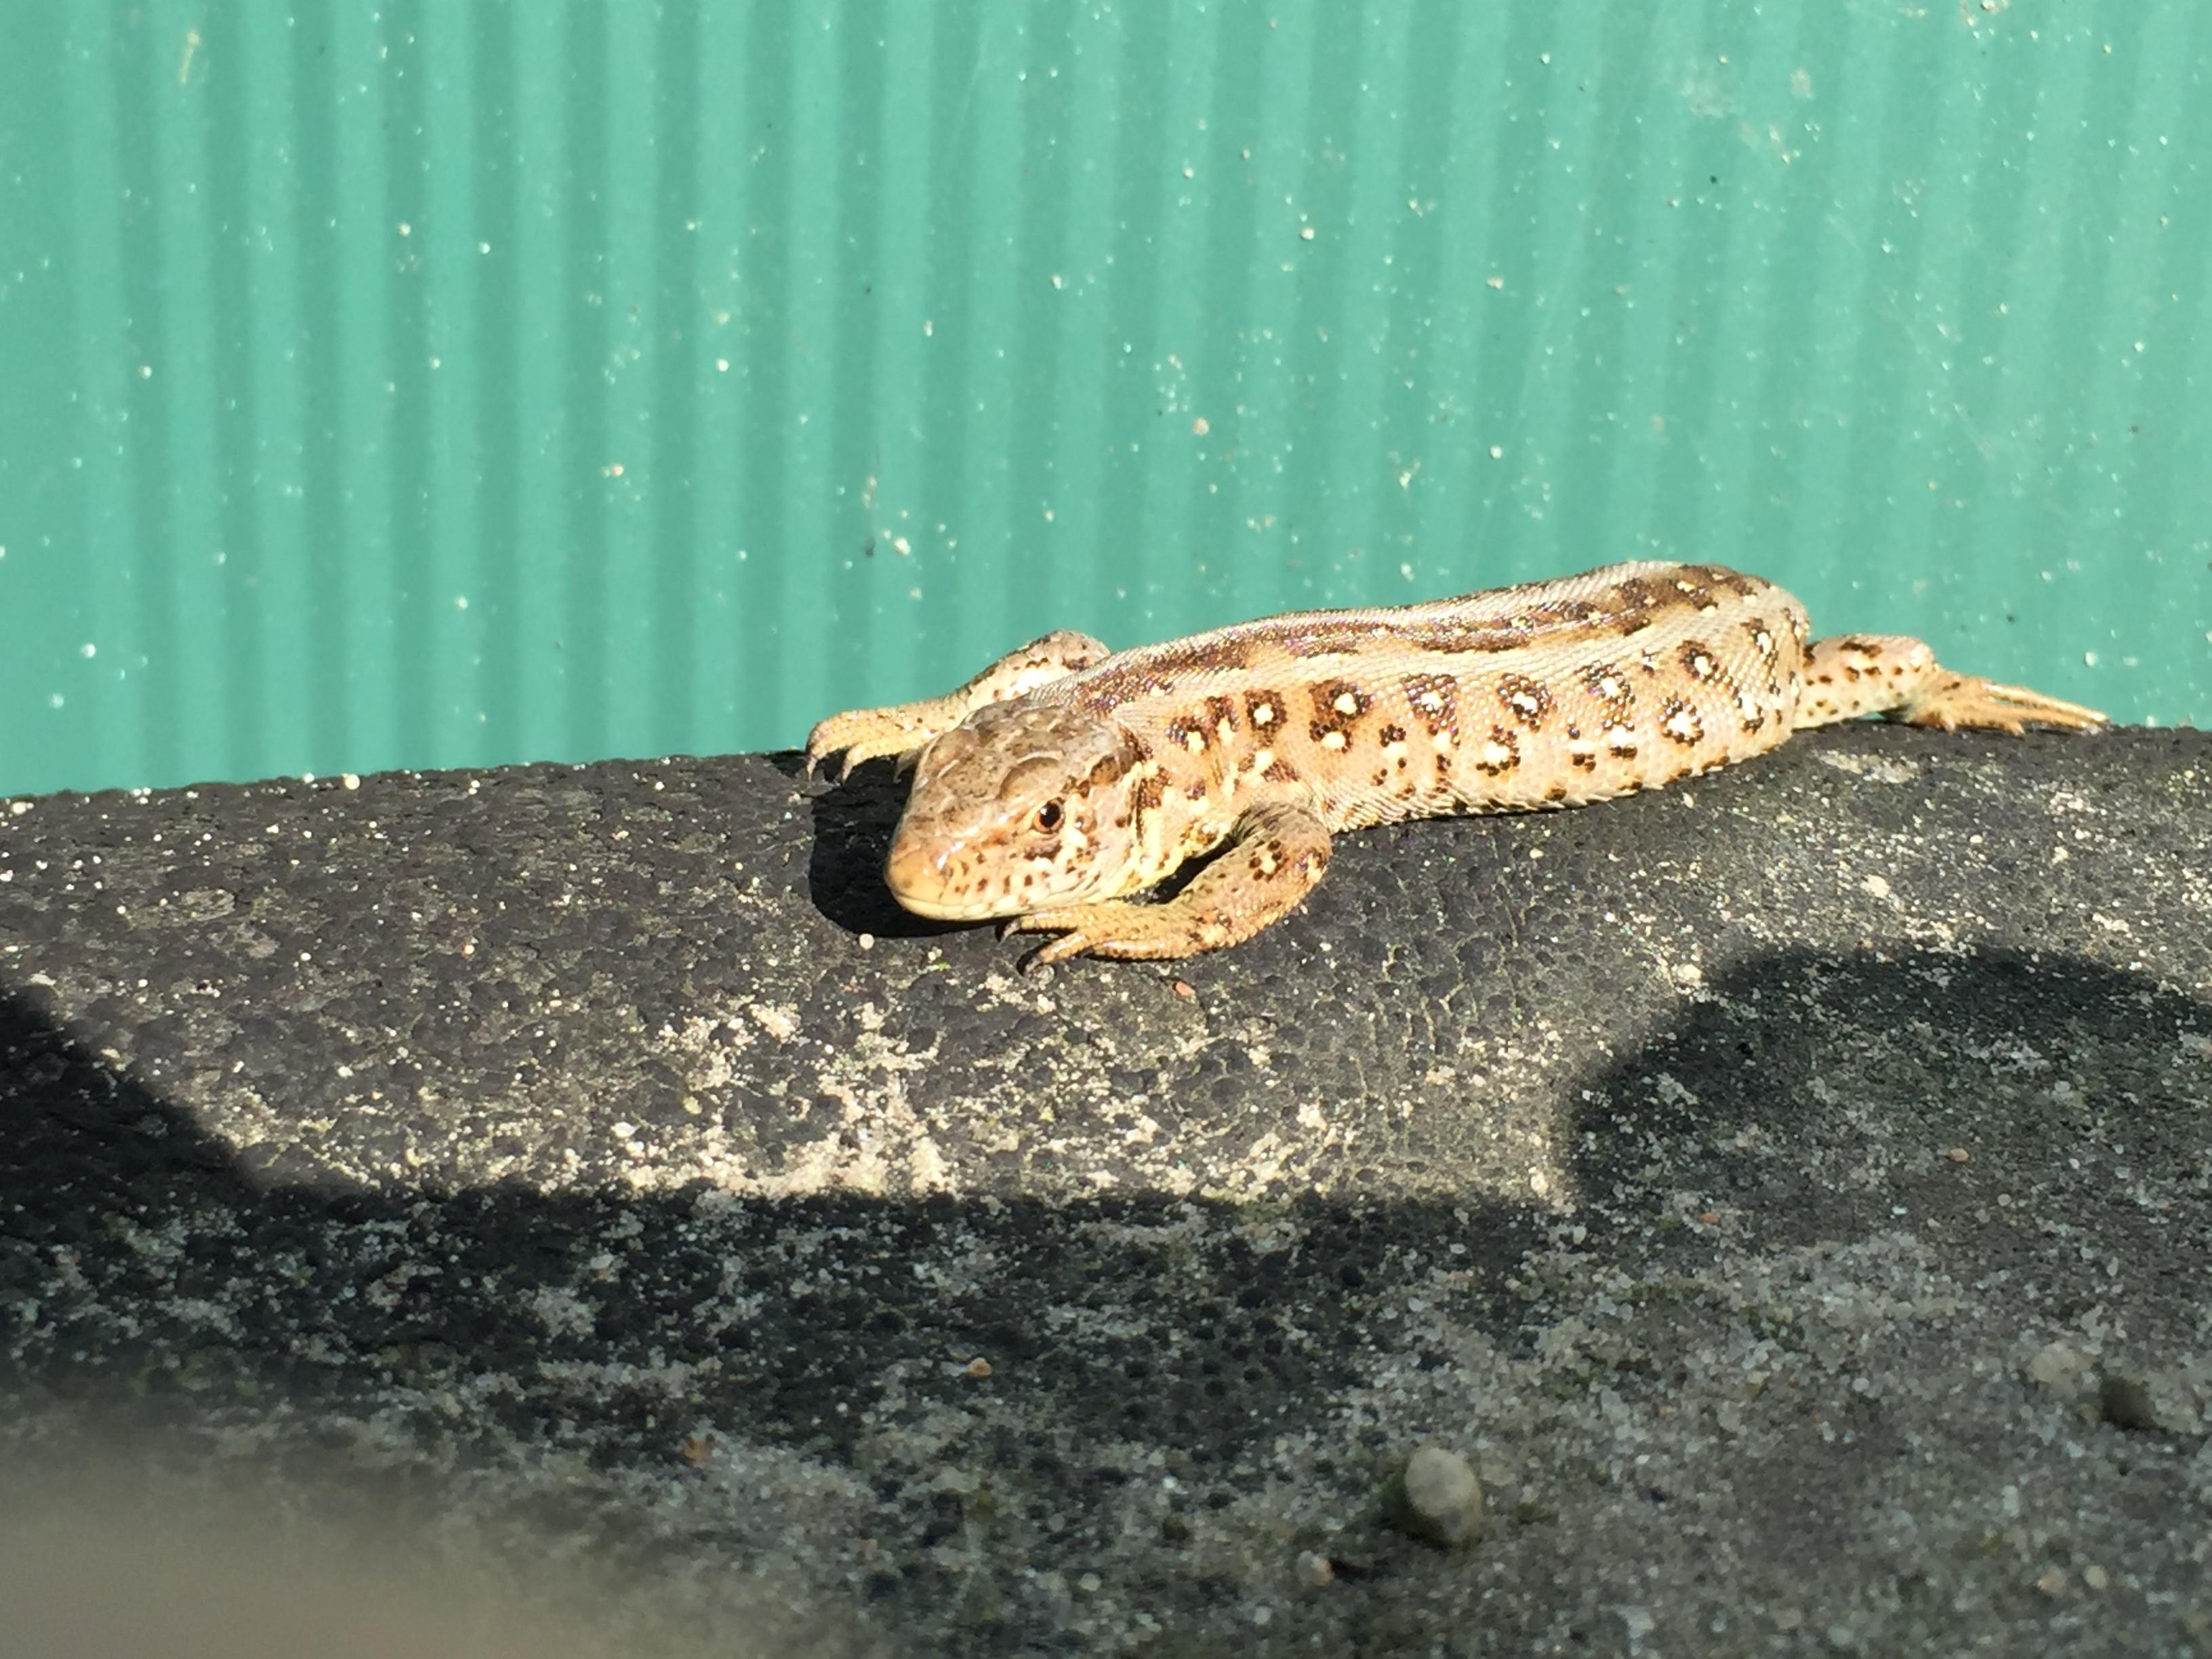 Lizard by headstert